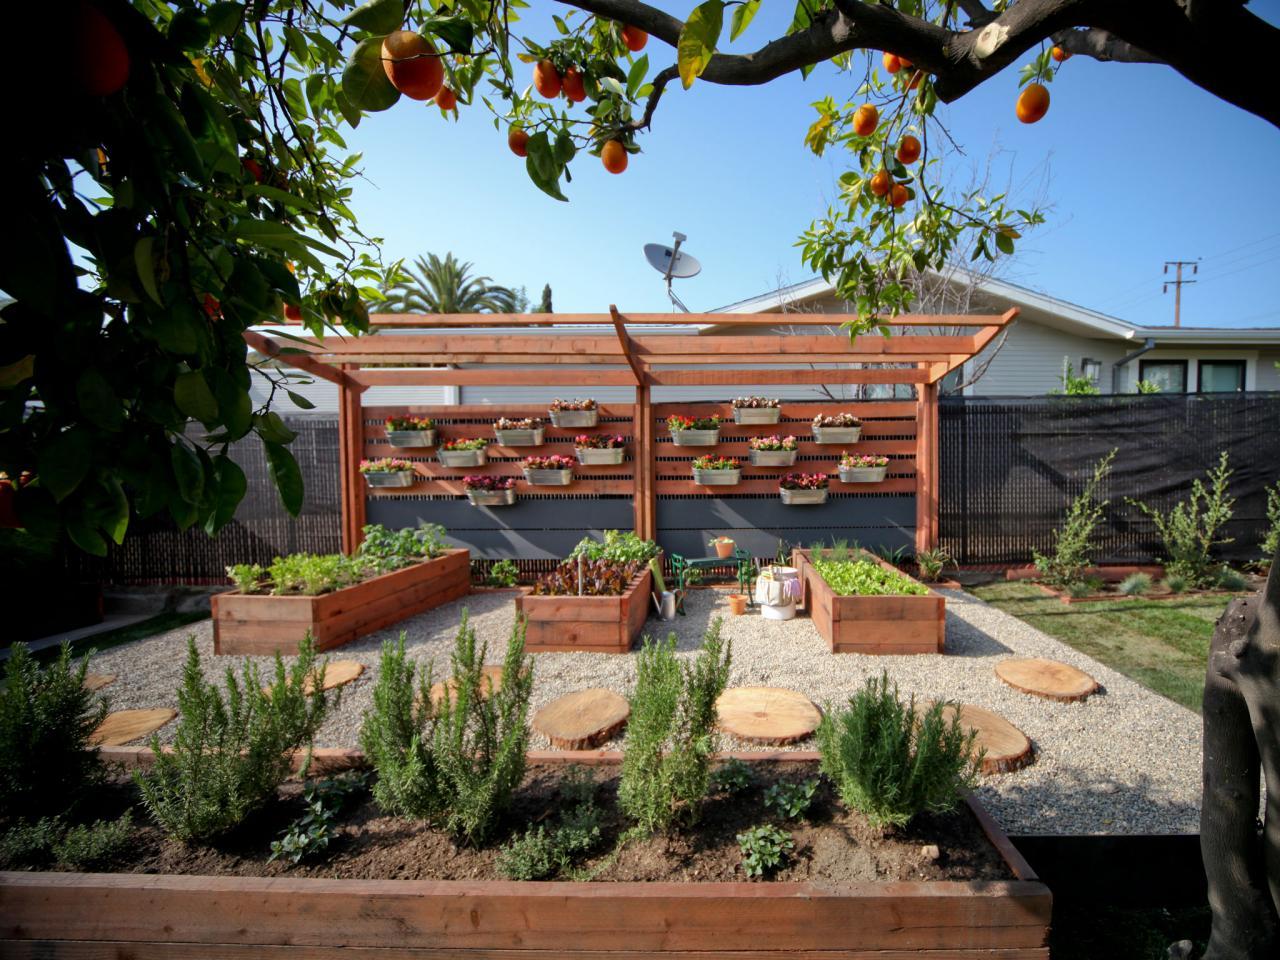 outdoor garden design ideas photo - 2